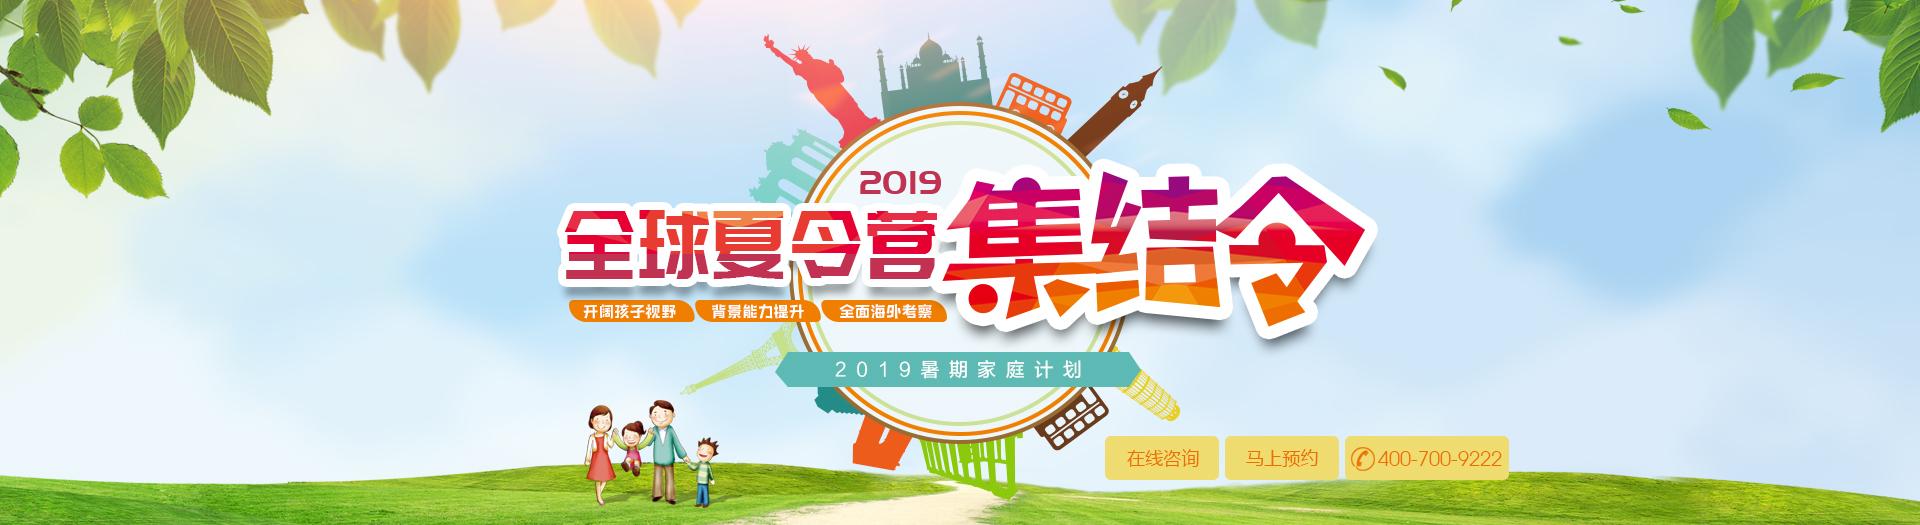 2019全球夏令营集结令